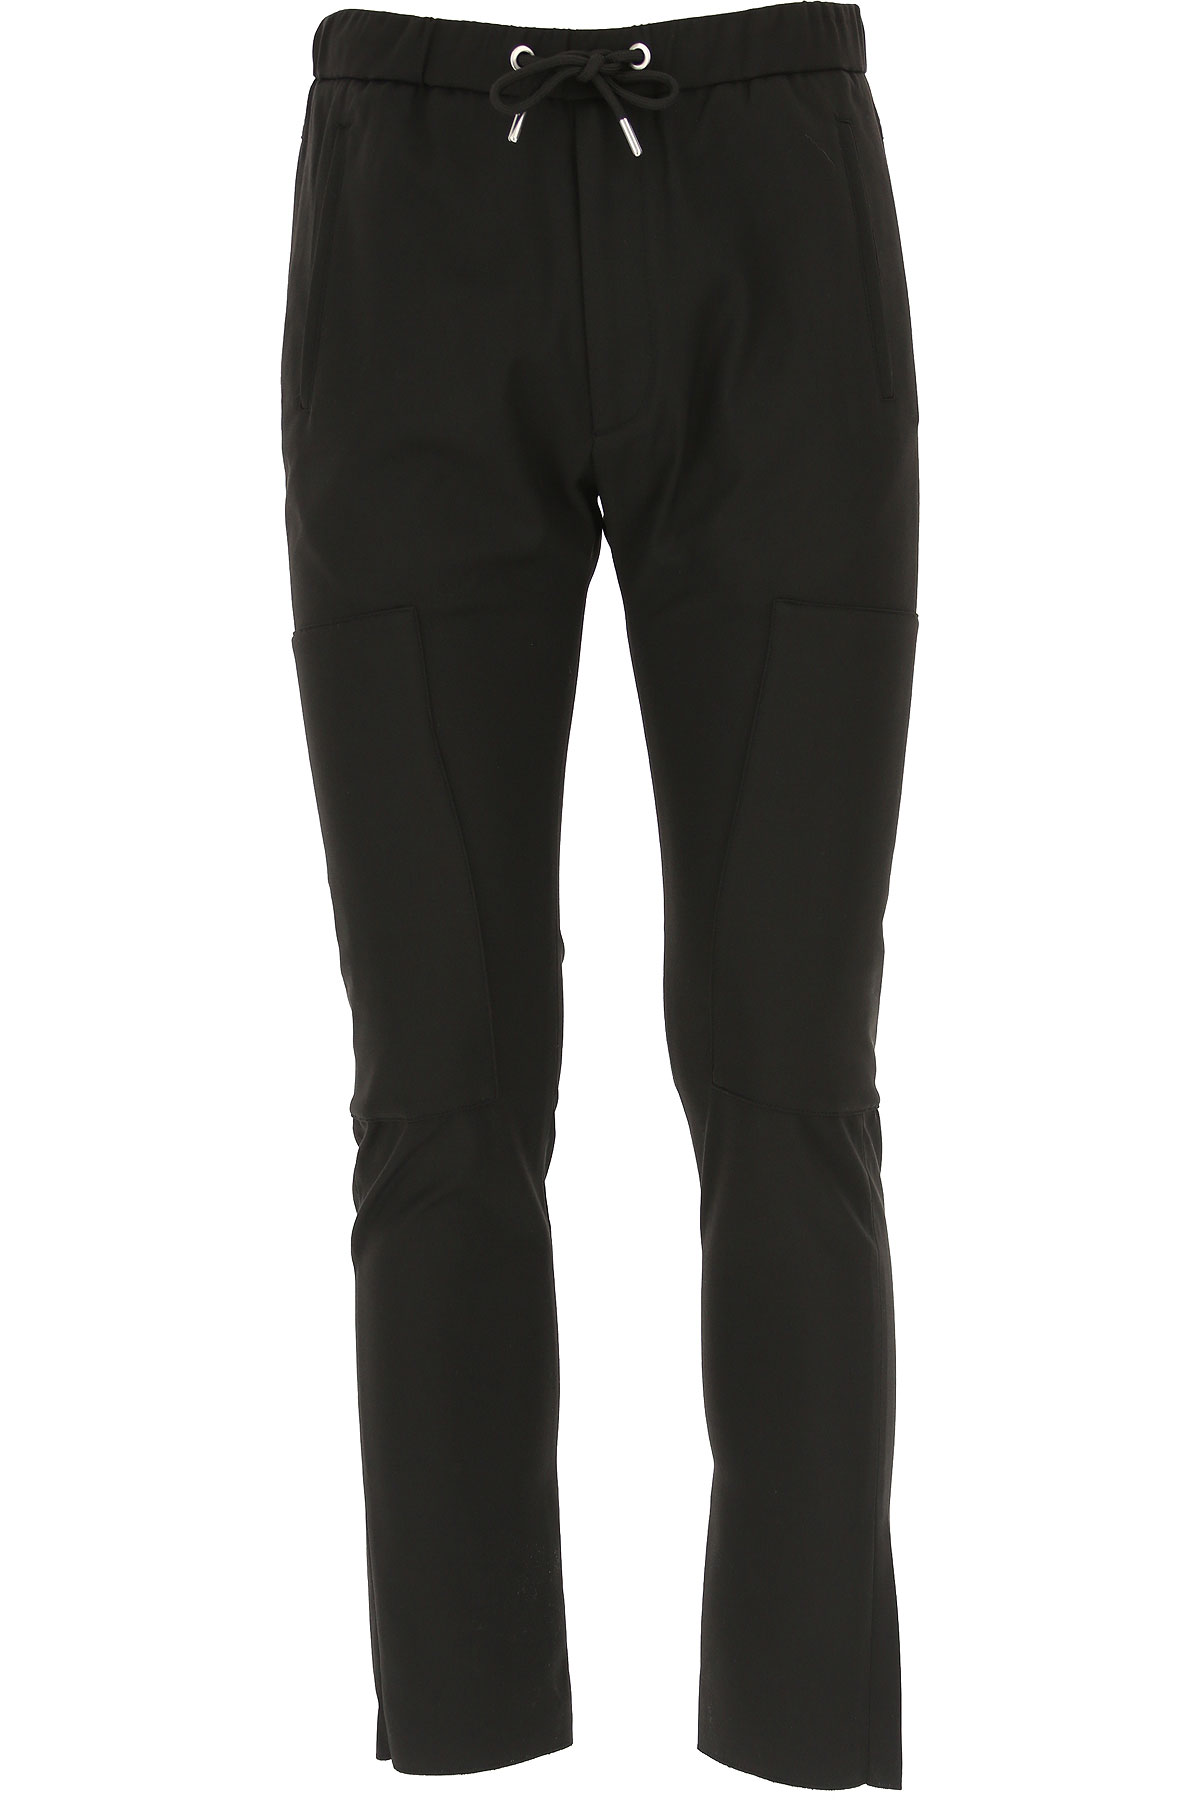 Les Hommes Pants for Men On Sale, Black, polyamide, 2019, L M XL